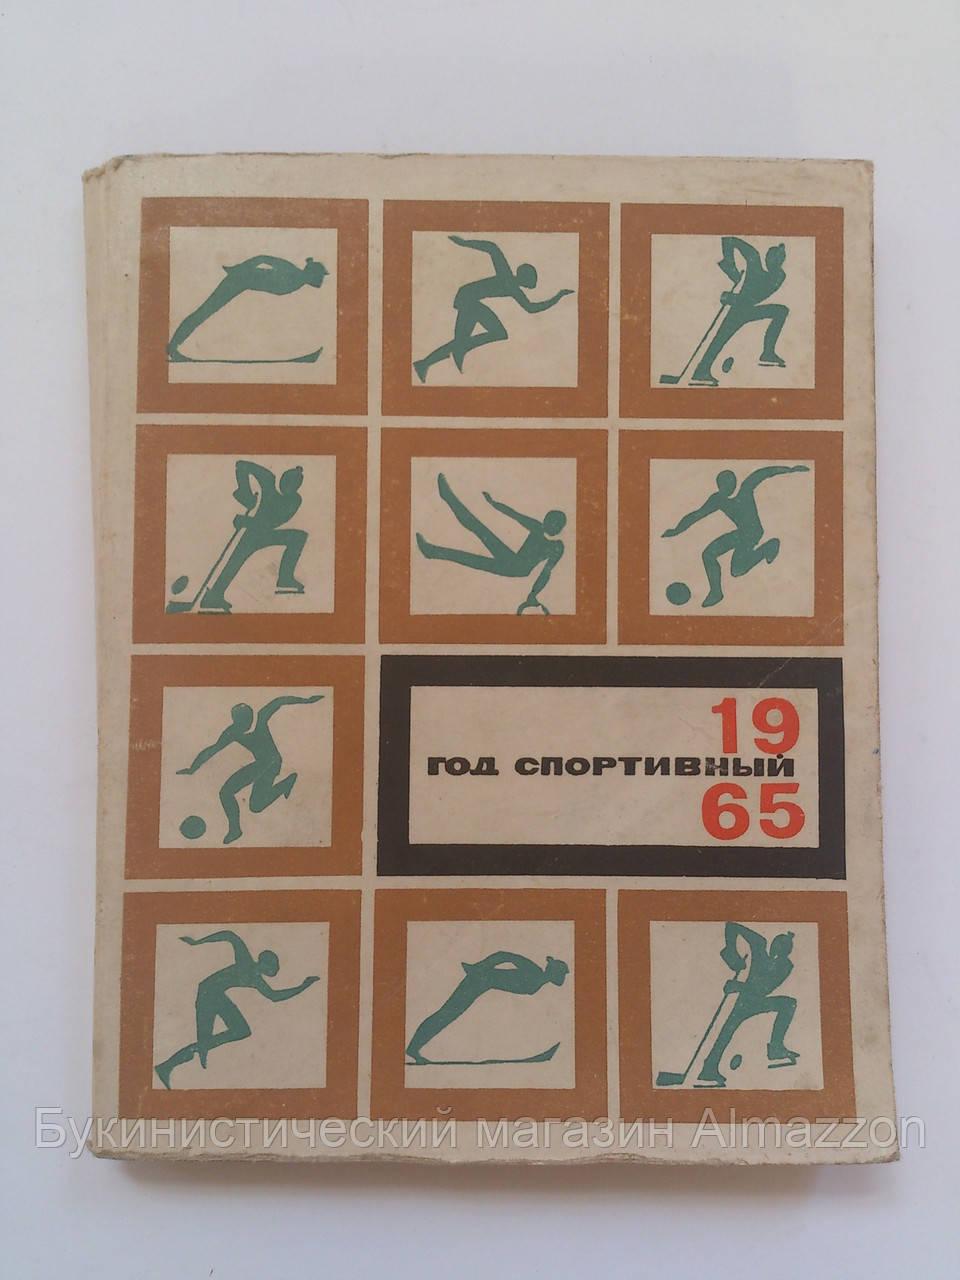 1965 год спортивный